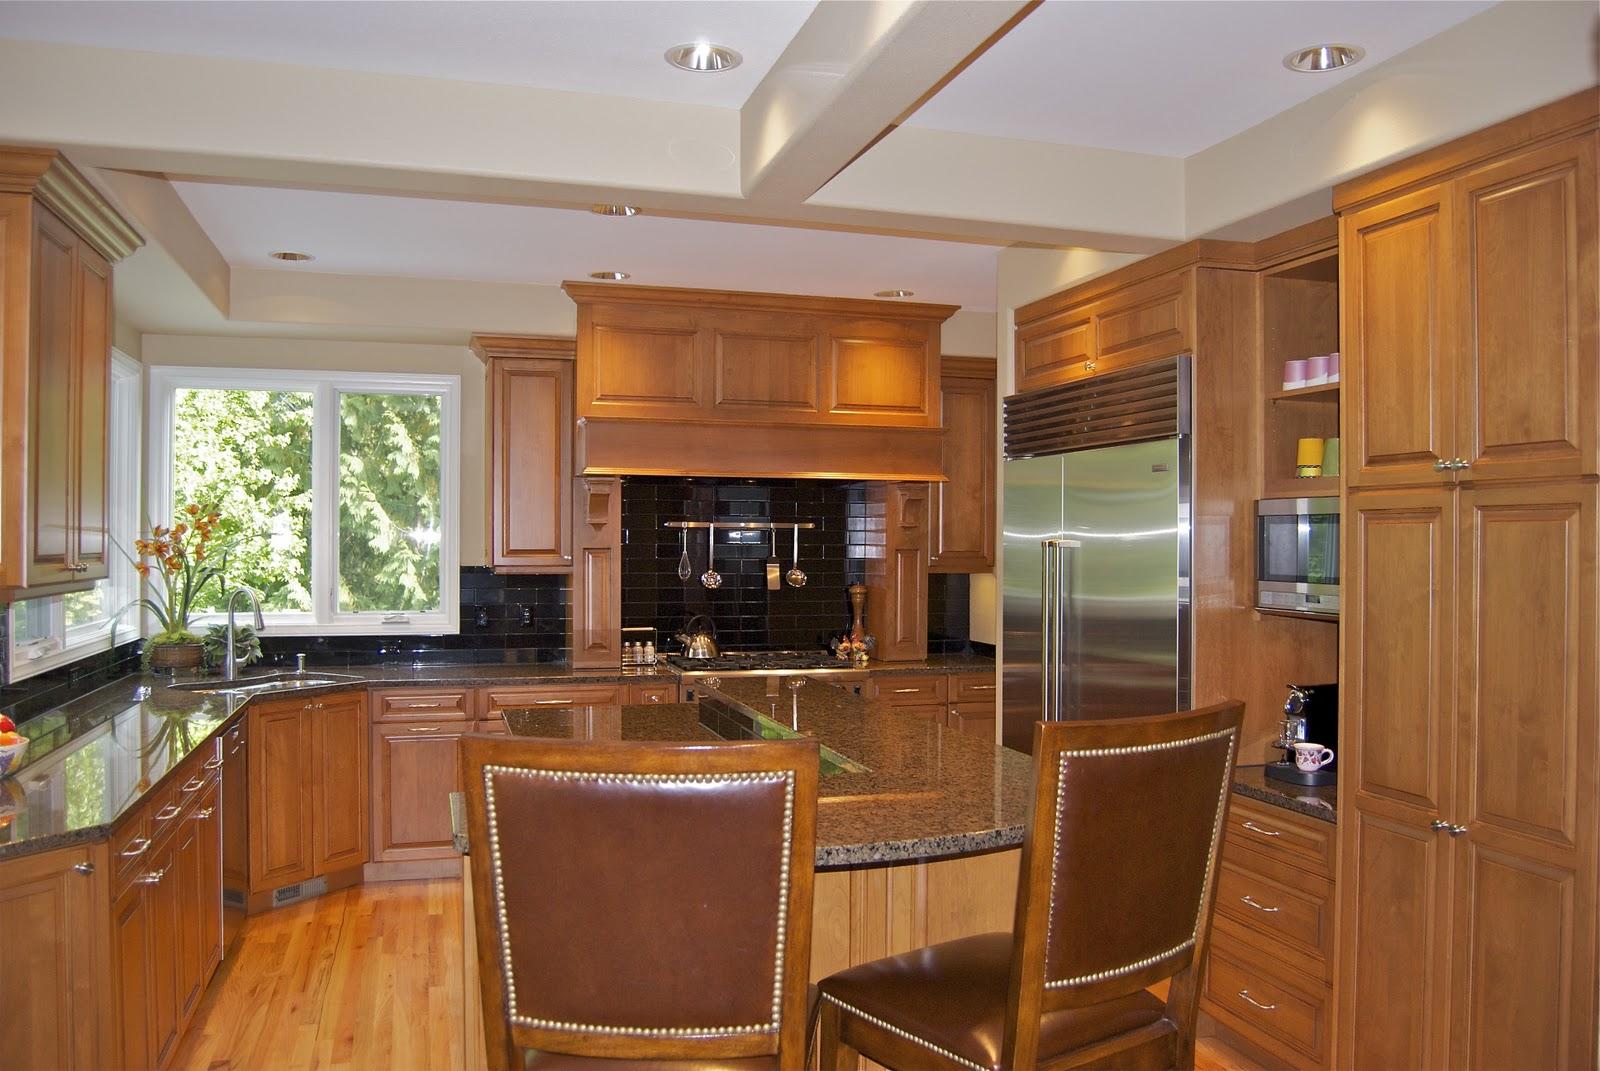 armoire-en-bois-laqué-plus-confortable-chaise-en-cuir-et-évier-de-cuisine-aussi-noir-dosseret-idées